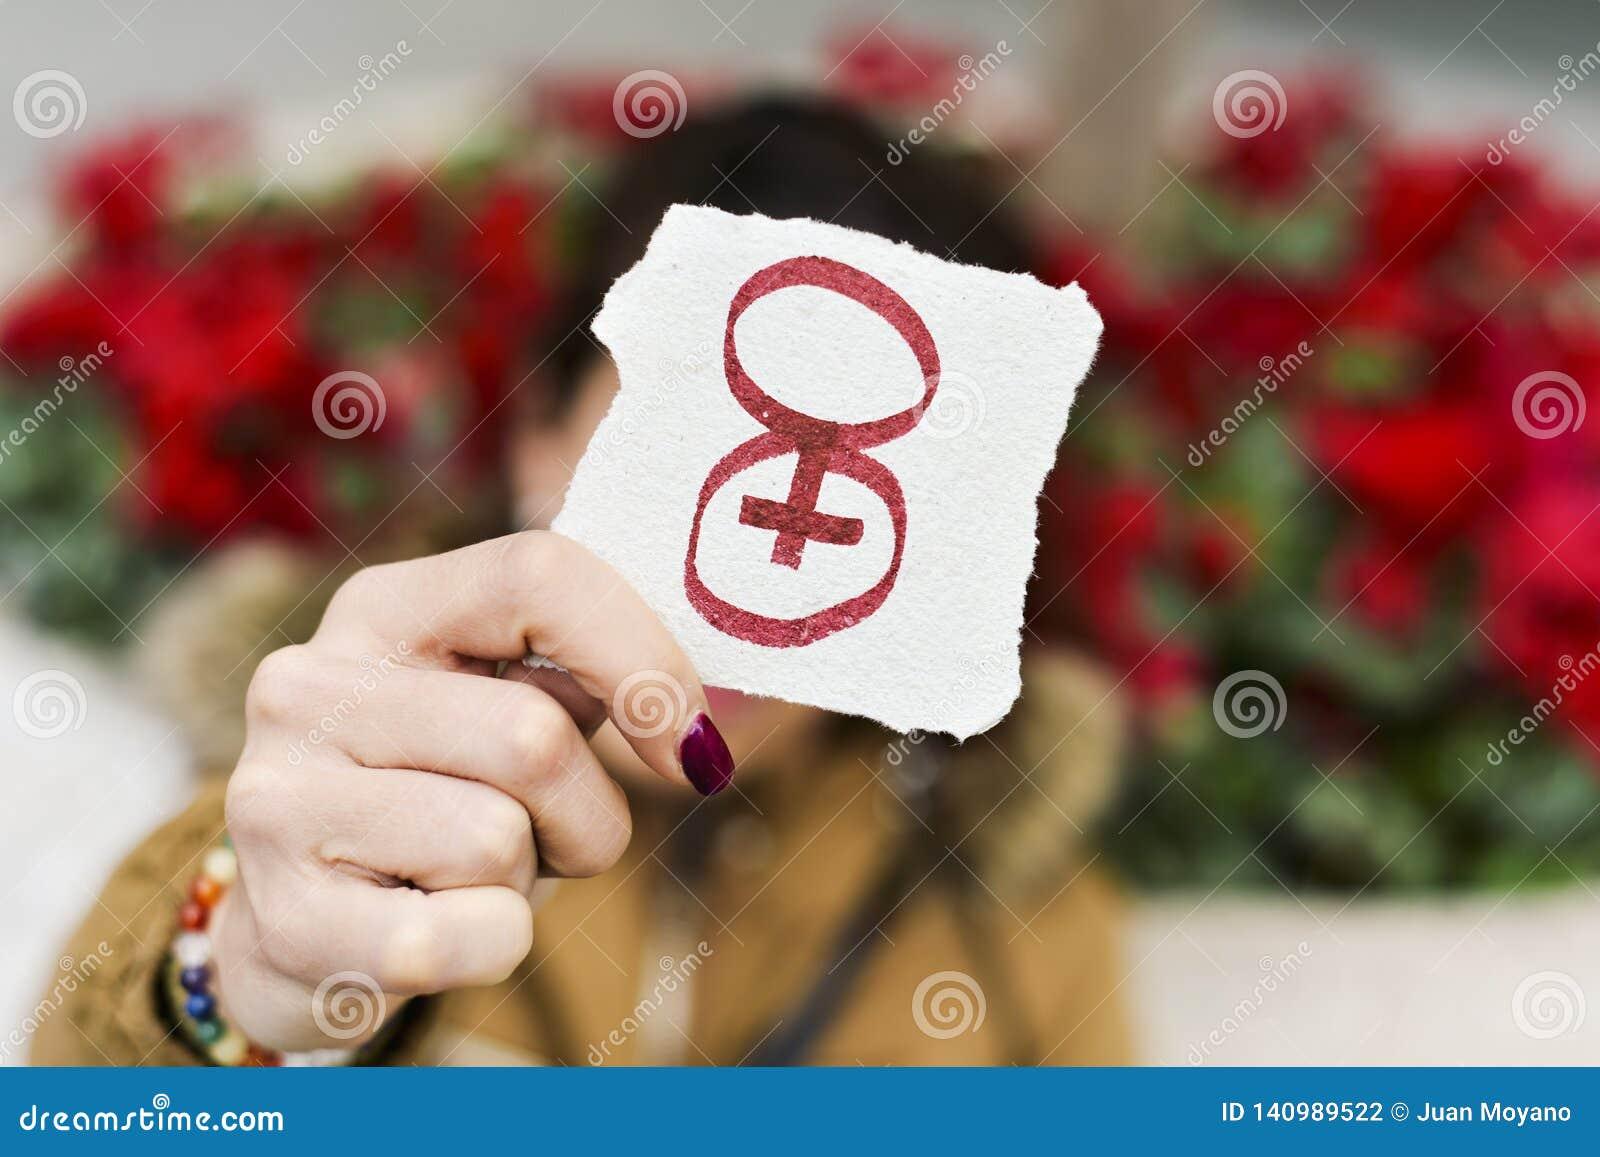 Nummer 8, voor 8 maart, de dag van de vrouwen